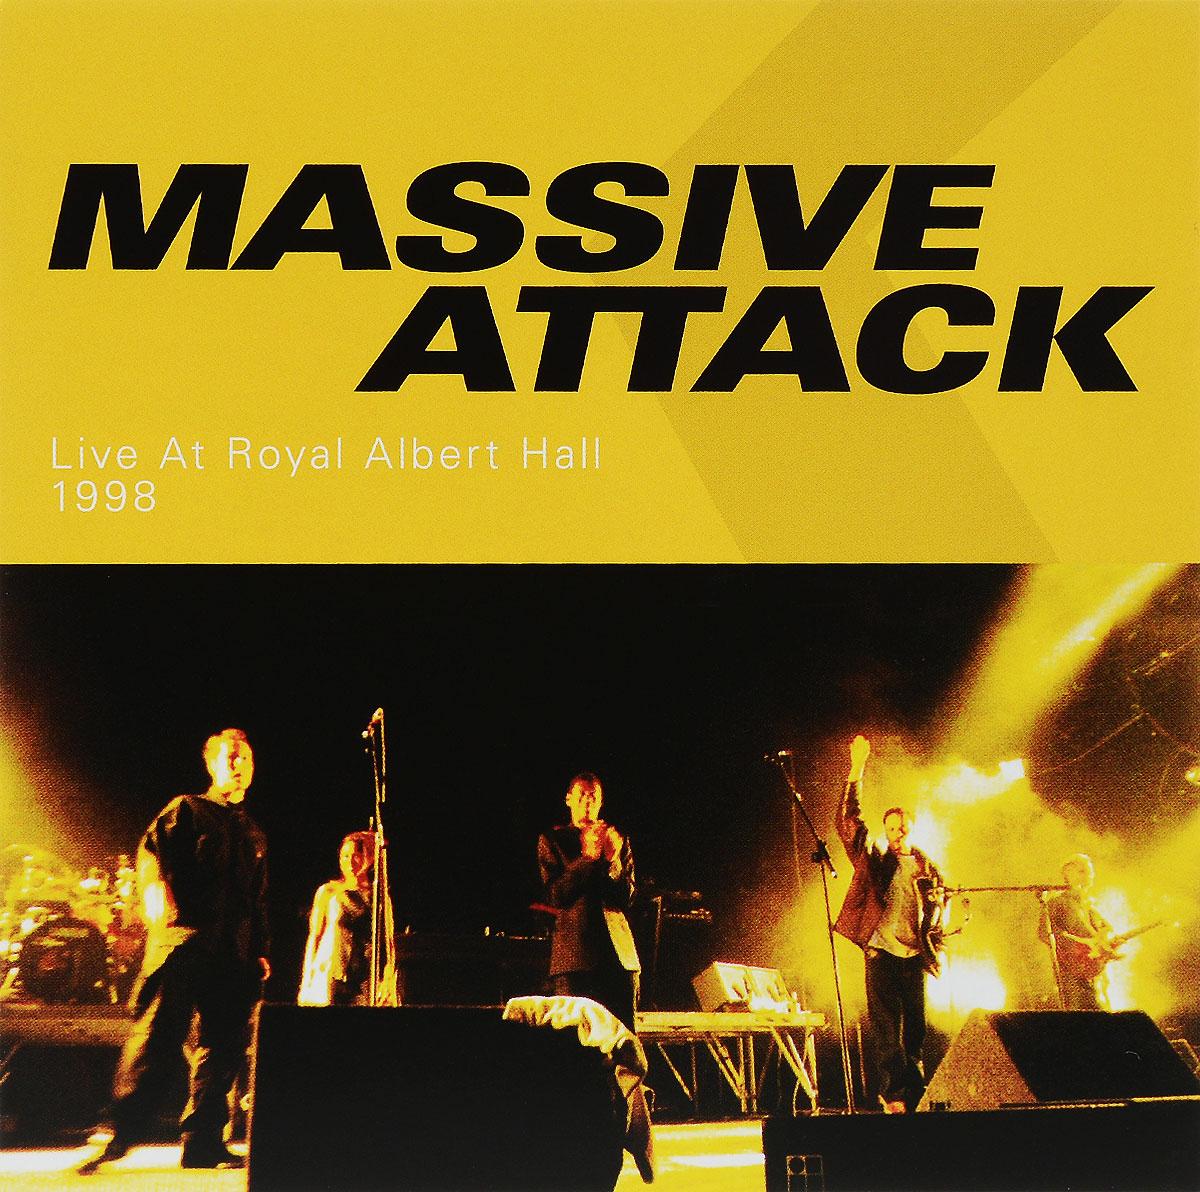 Massive Attack. Live At Royal Albert Hall 2015 Audio CD